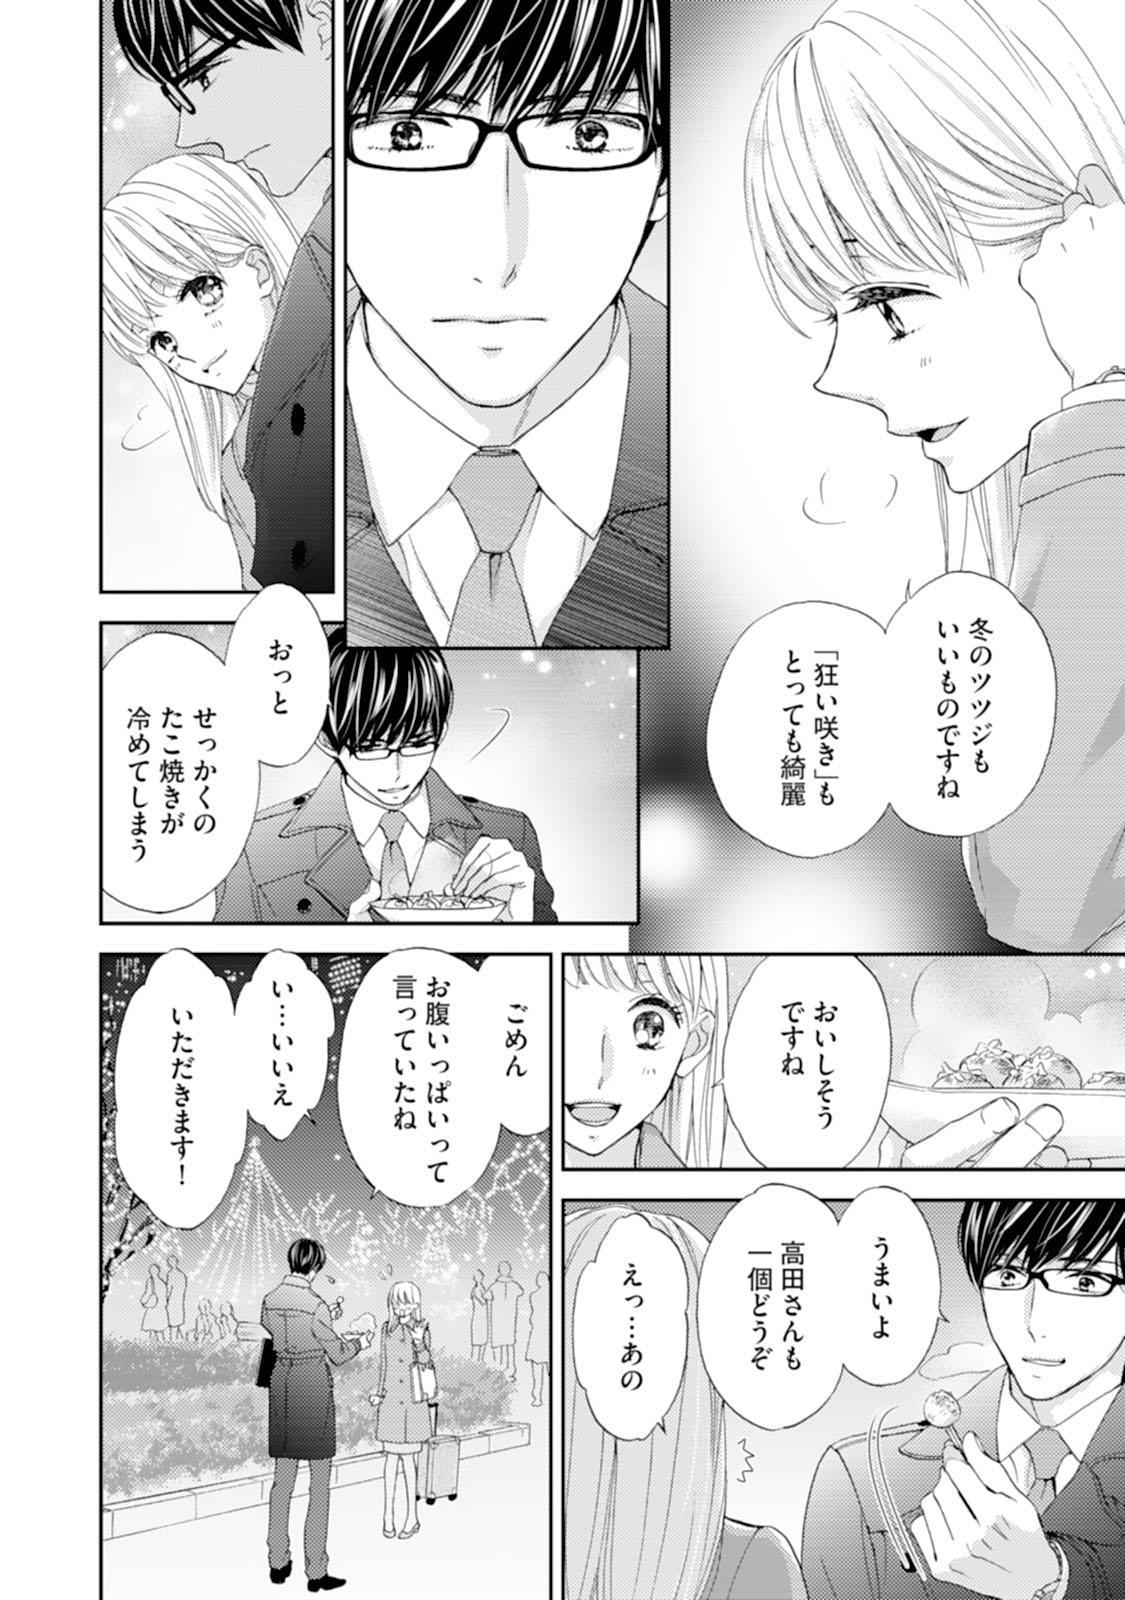 [Adumi Yuu] Choukyou-kei Danshi Ookami-sama to Koneko-chan Ch. 1-3 7